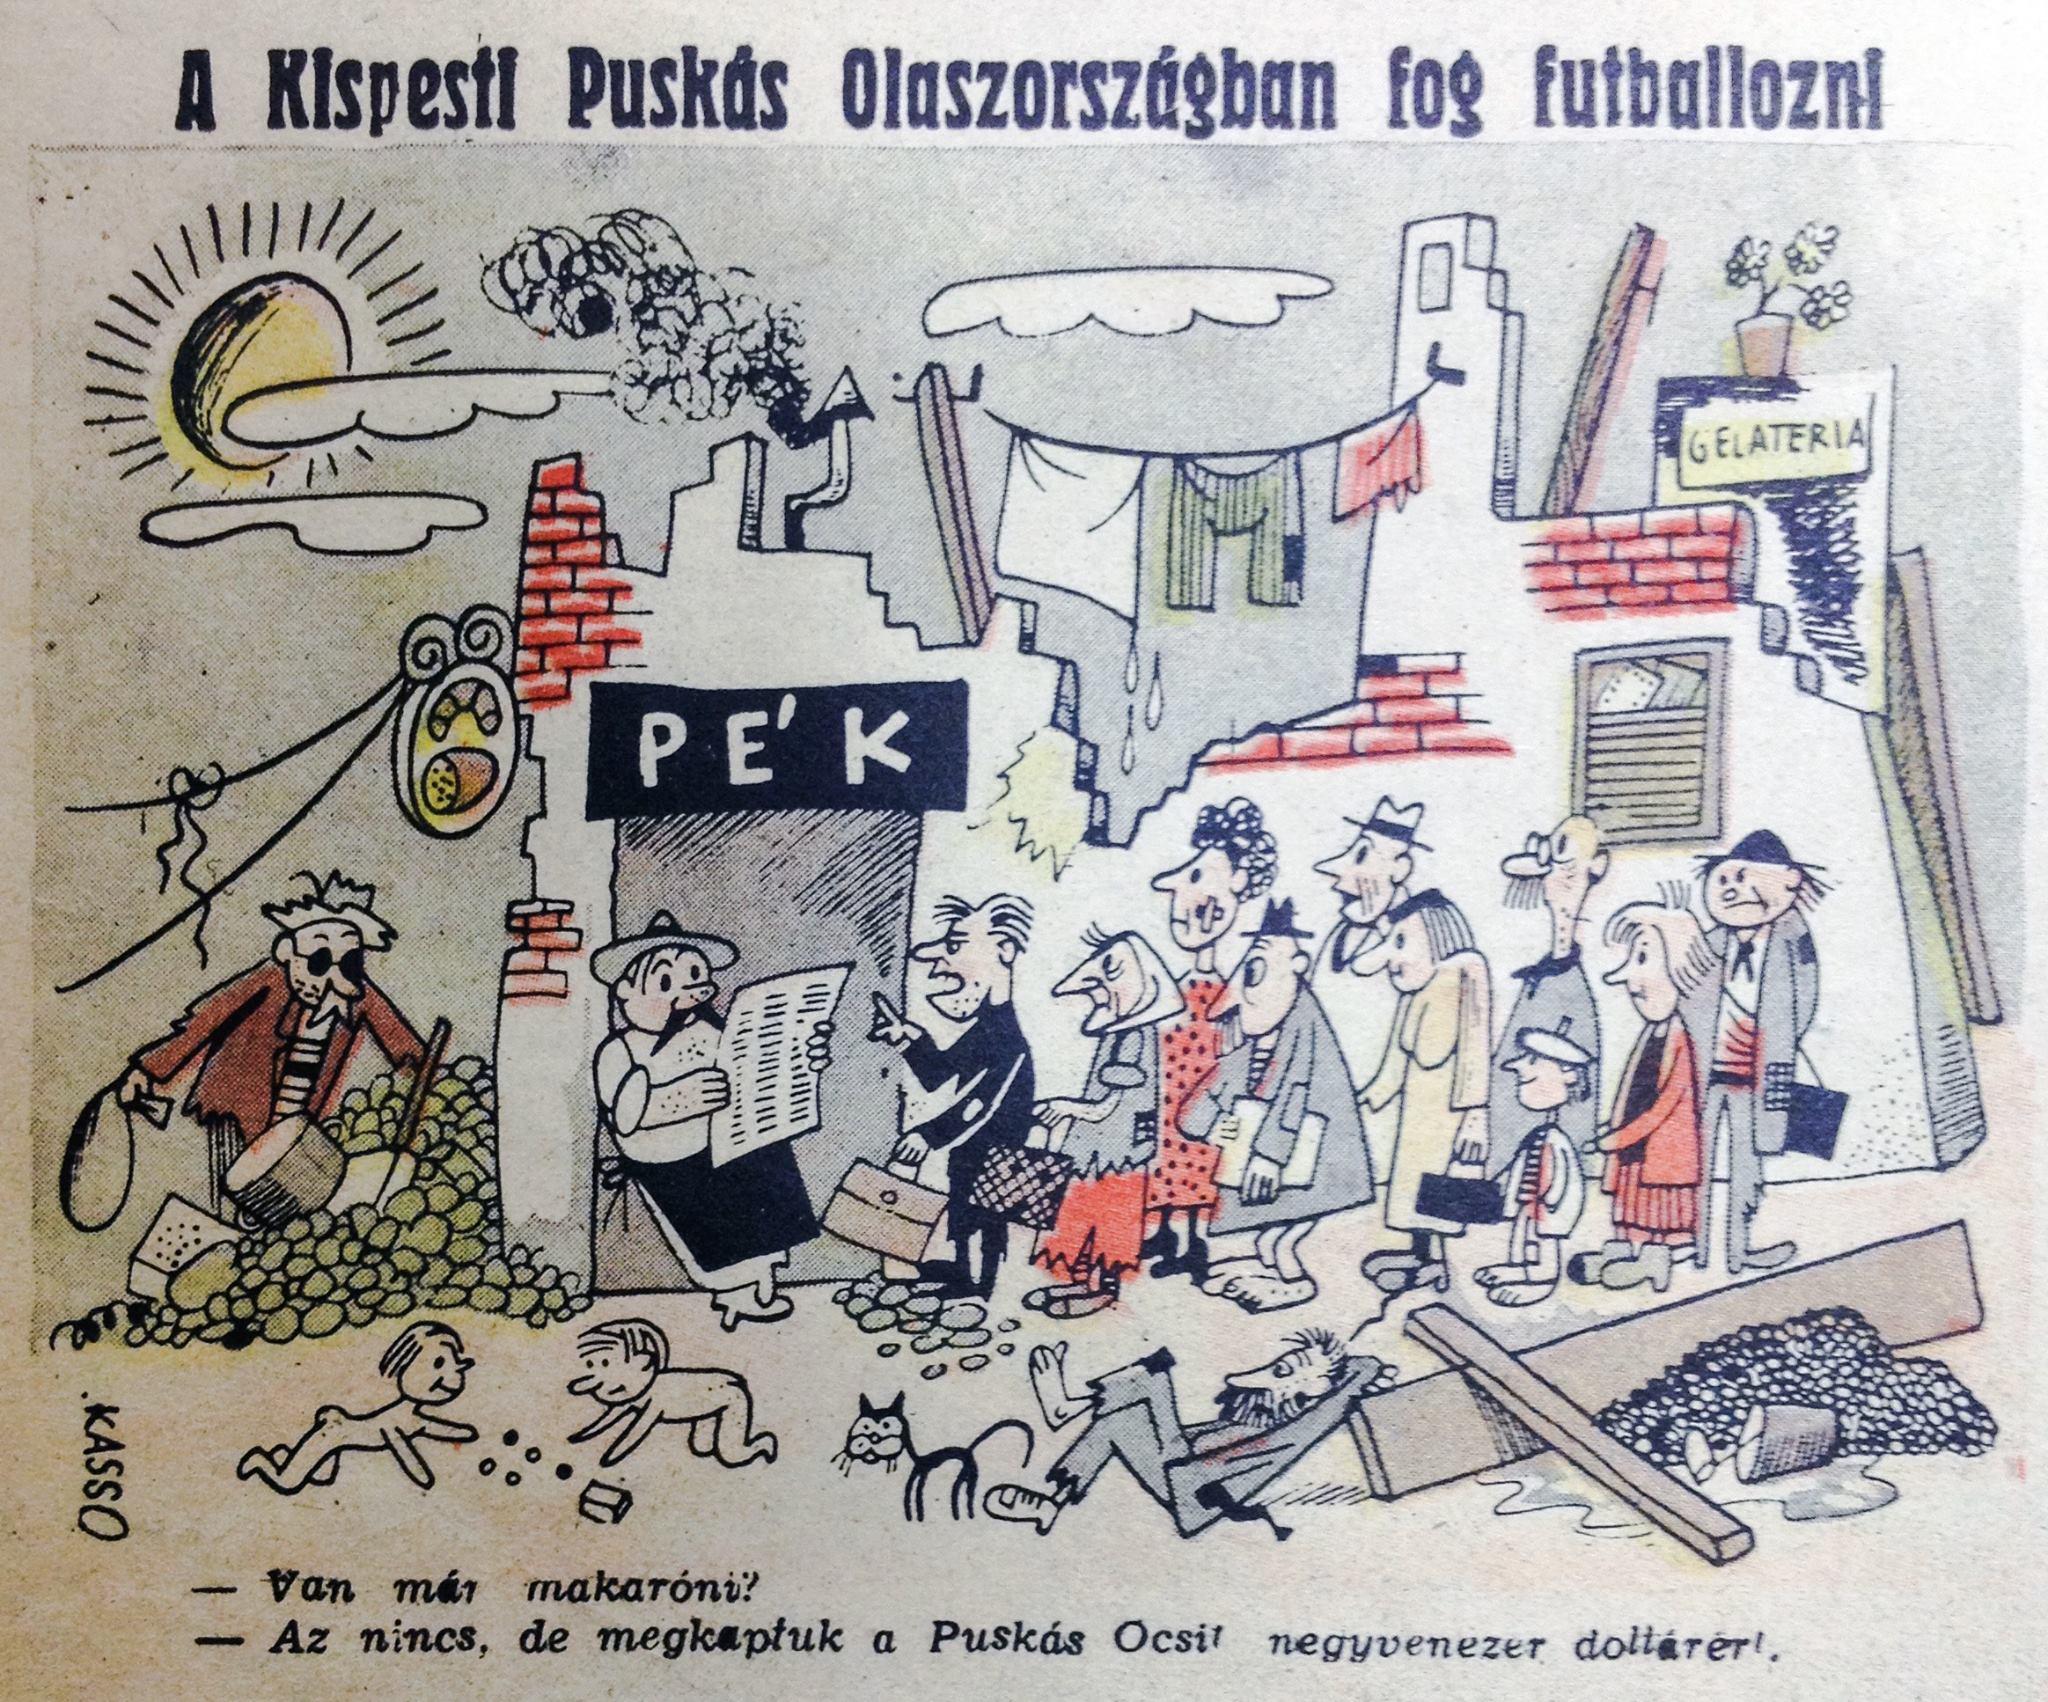 Egy 1945-ös karikatúra arról, hogy Puskás Öcsi Olaszországba igazol